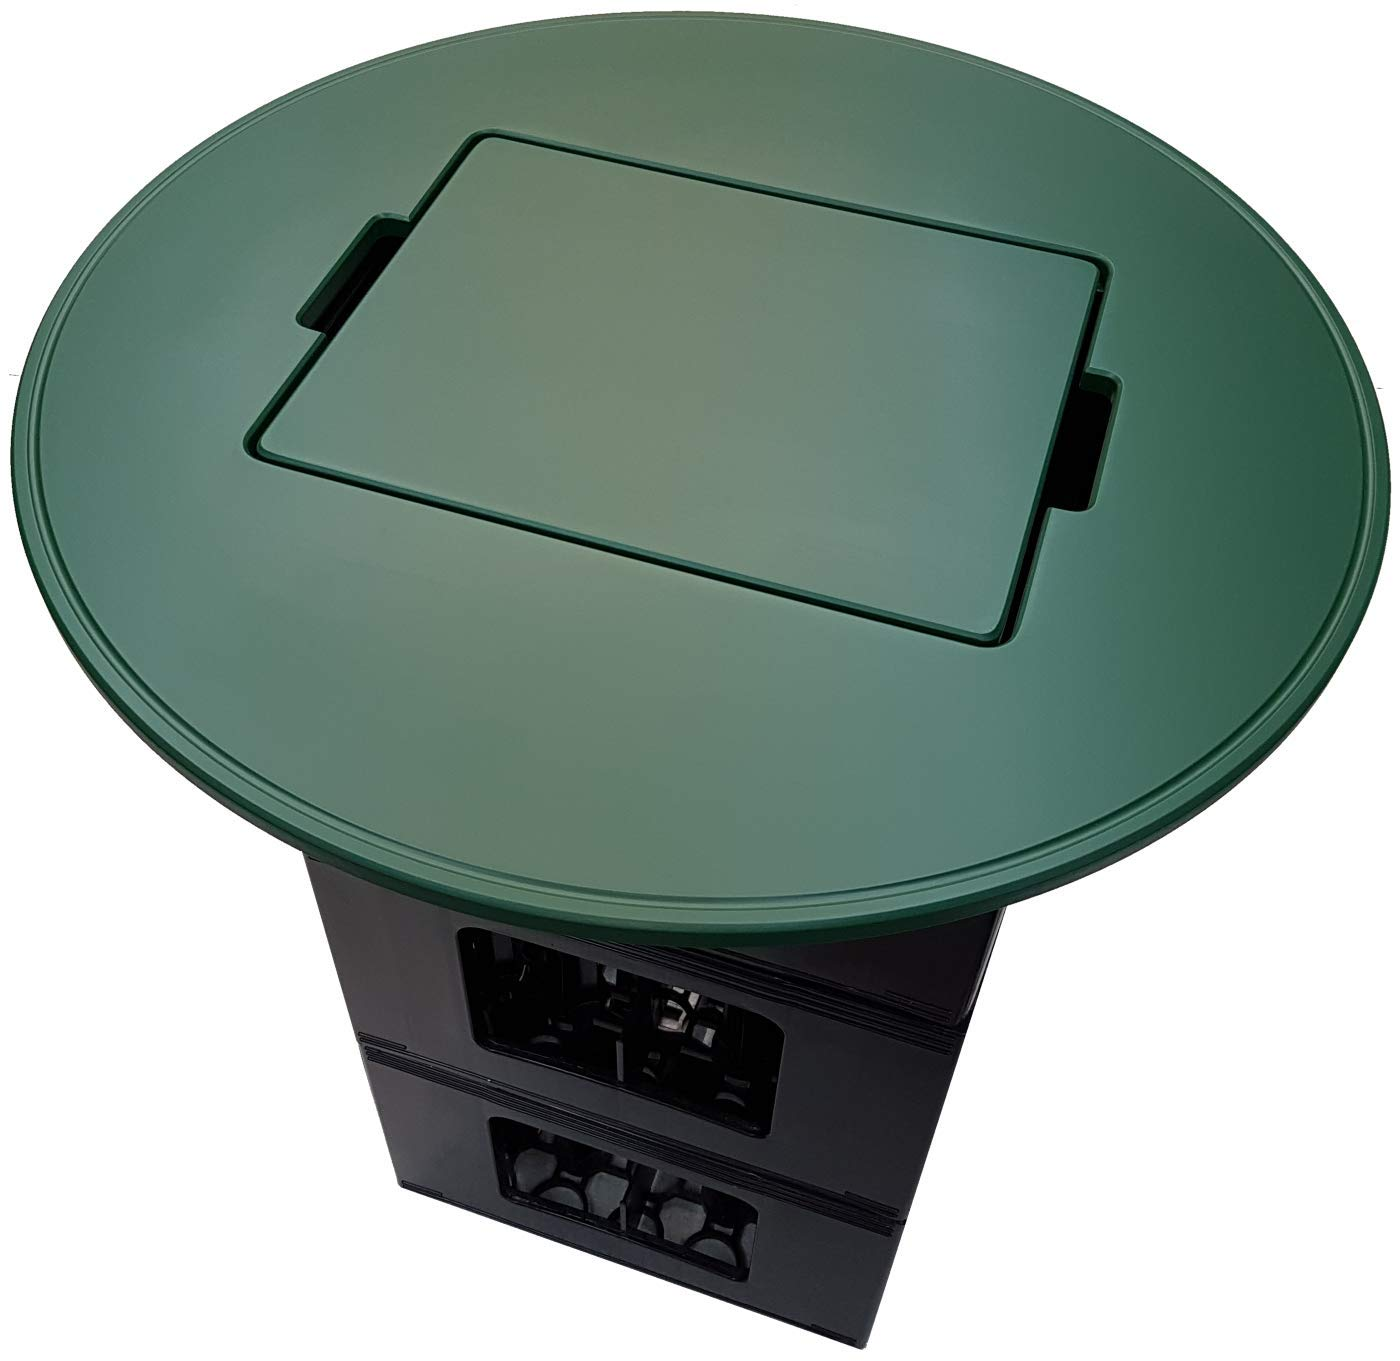 Tisch und Sitzkissen für Jever Veltins Beck's Haake Beck Diebels Wicküler Barre Hasseröder Kisten (Kombi-Set, Tisch und 2X Sitzkissen grün) BierEx